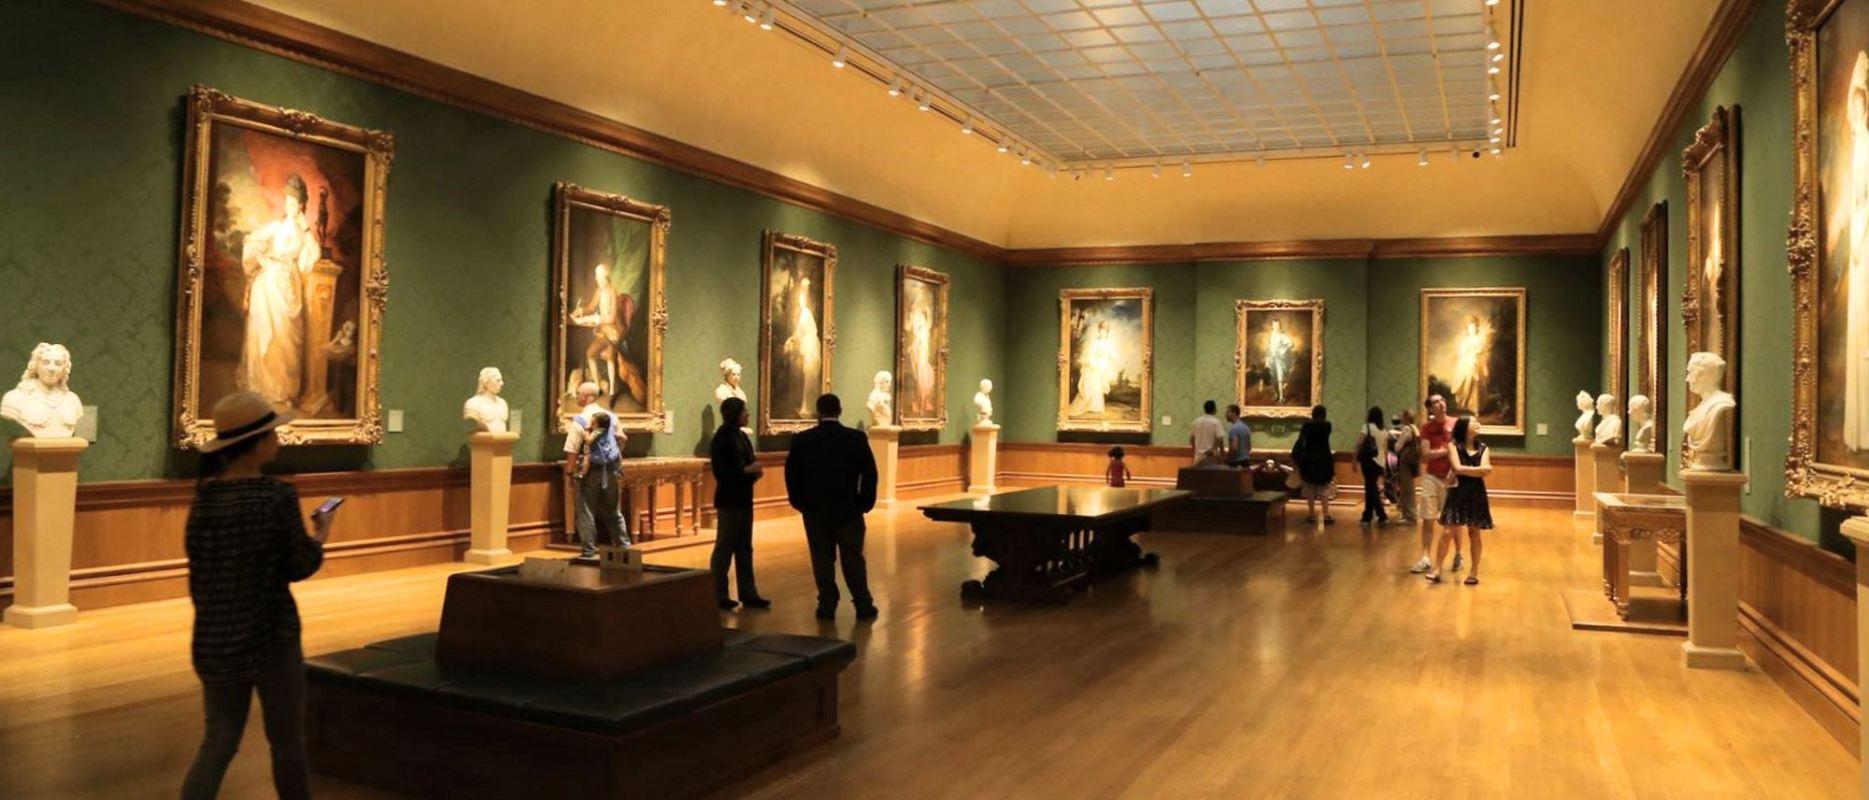 The Best Museum Date Ideas in LA | LA Date Ideas